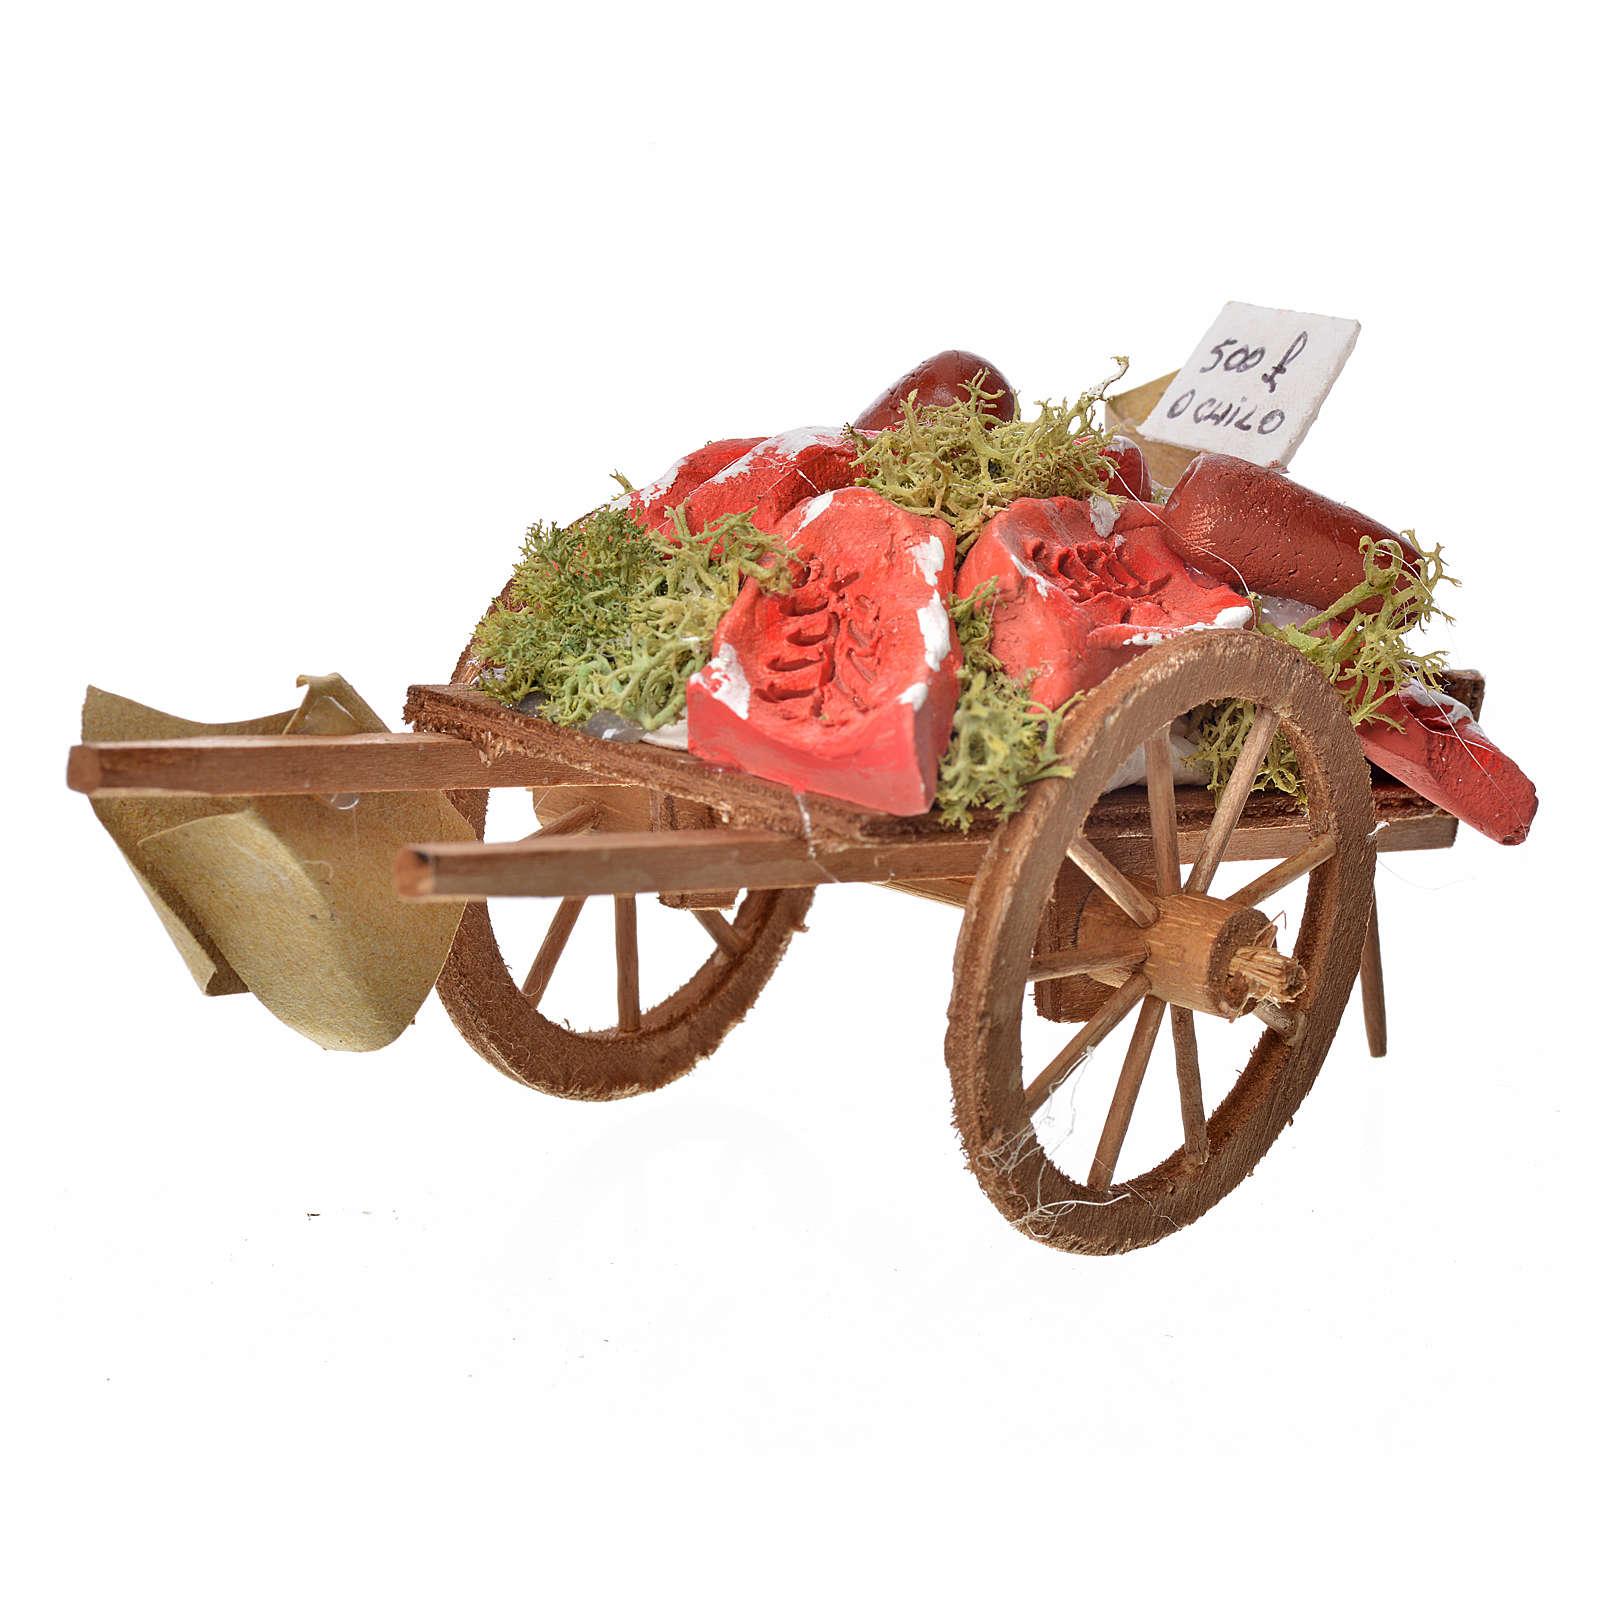 Carretto presepe in legno con carne in terracotta 4